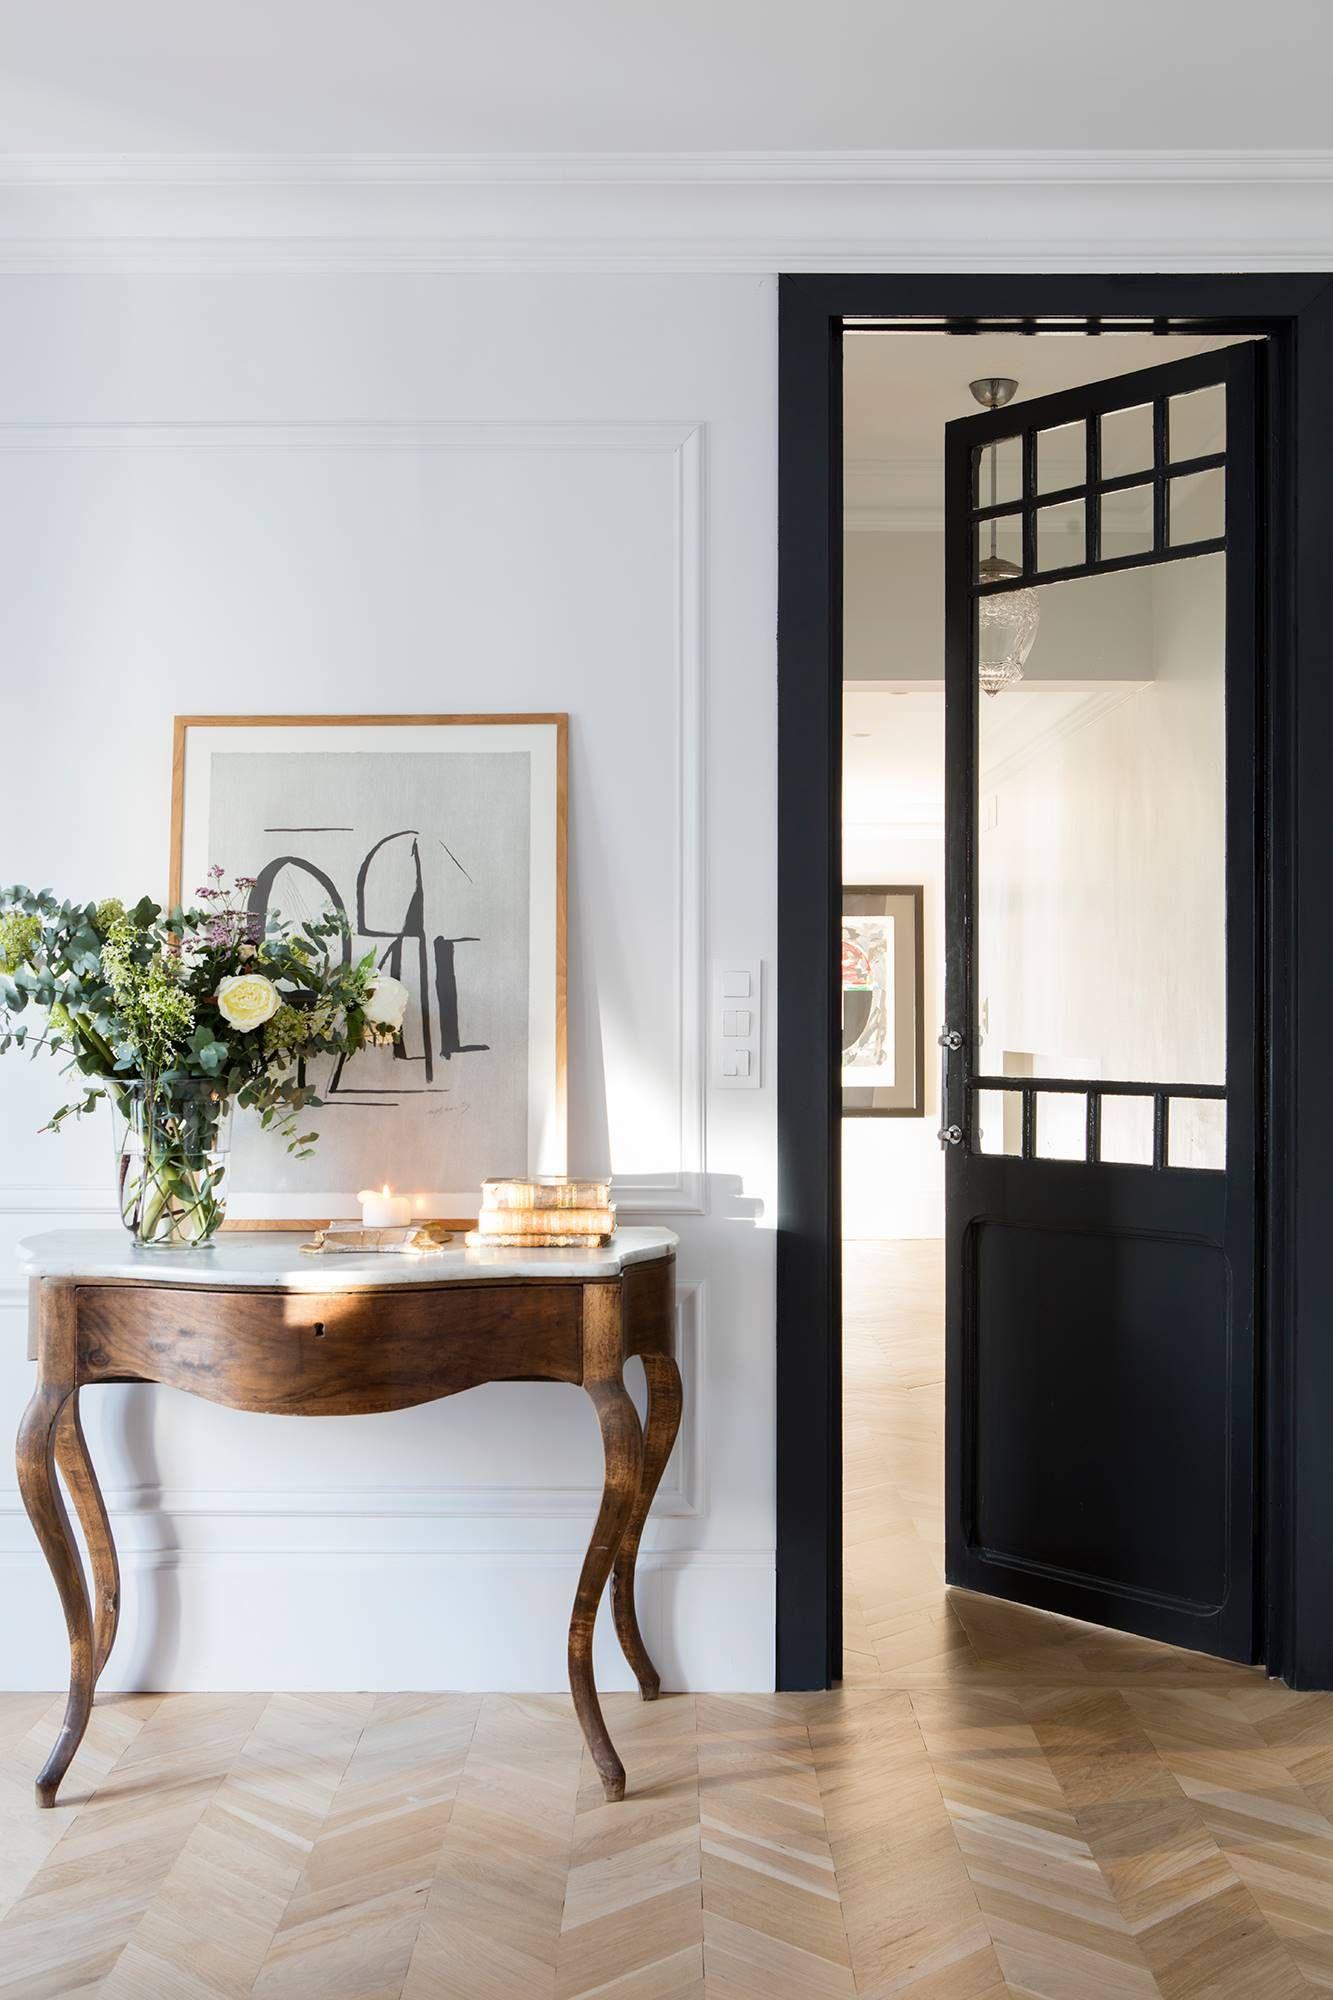 Soluciones Decorativas Para Guardar En El Recibidor Muebles Oscuros Muebles Decoraciones De Casa